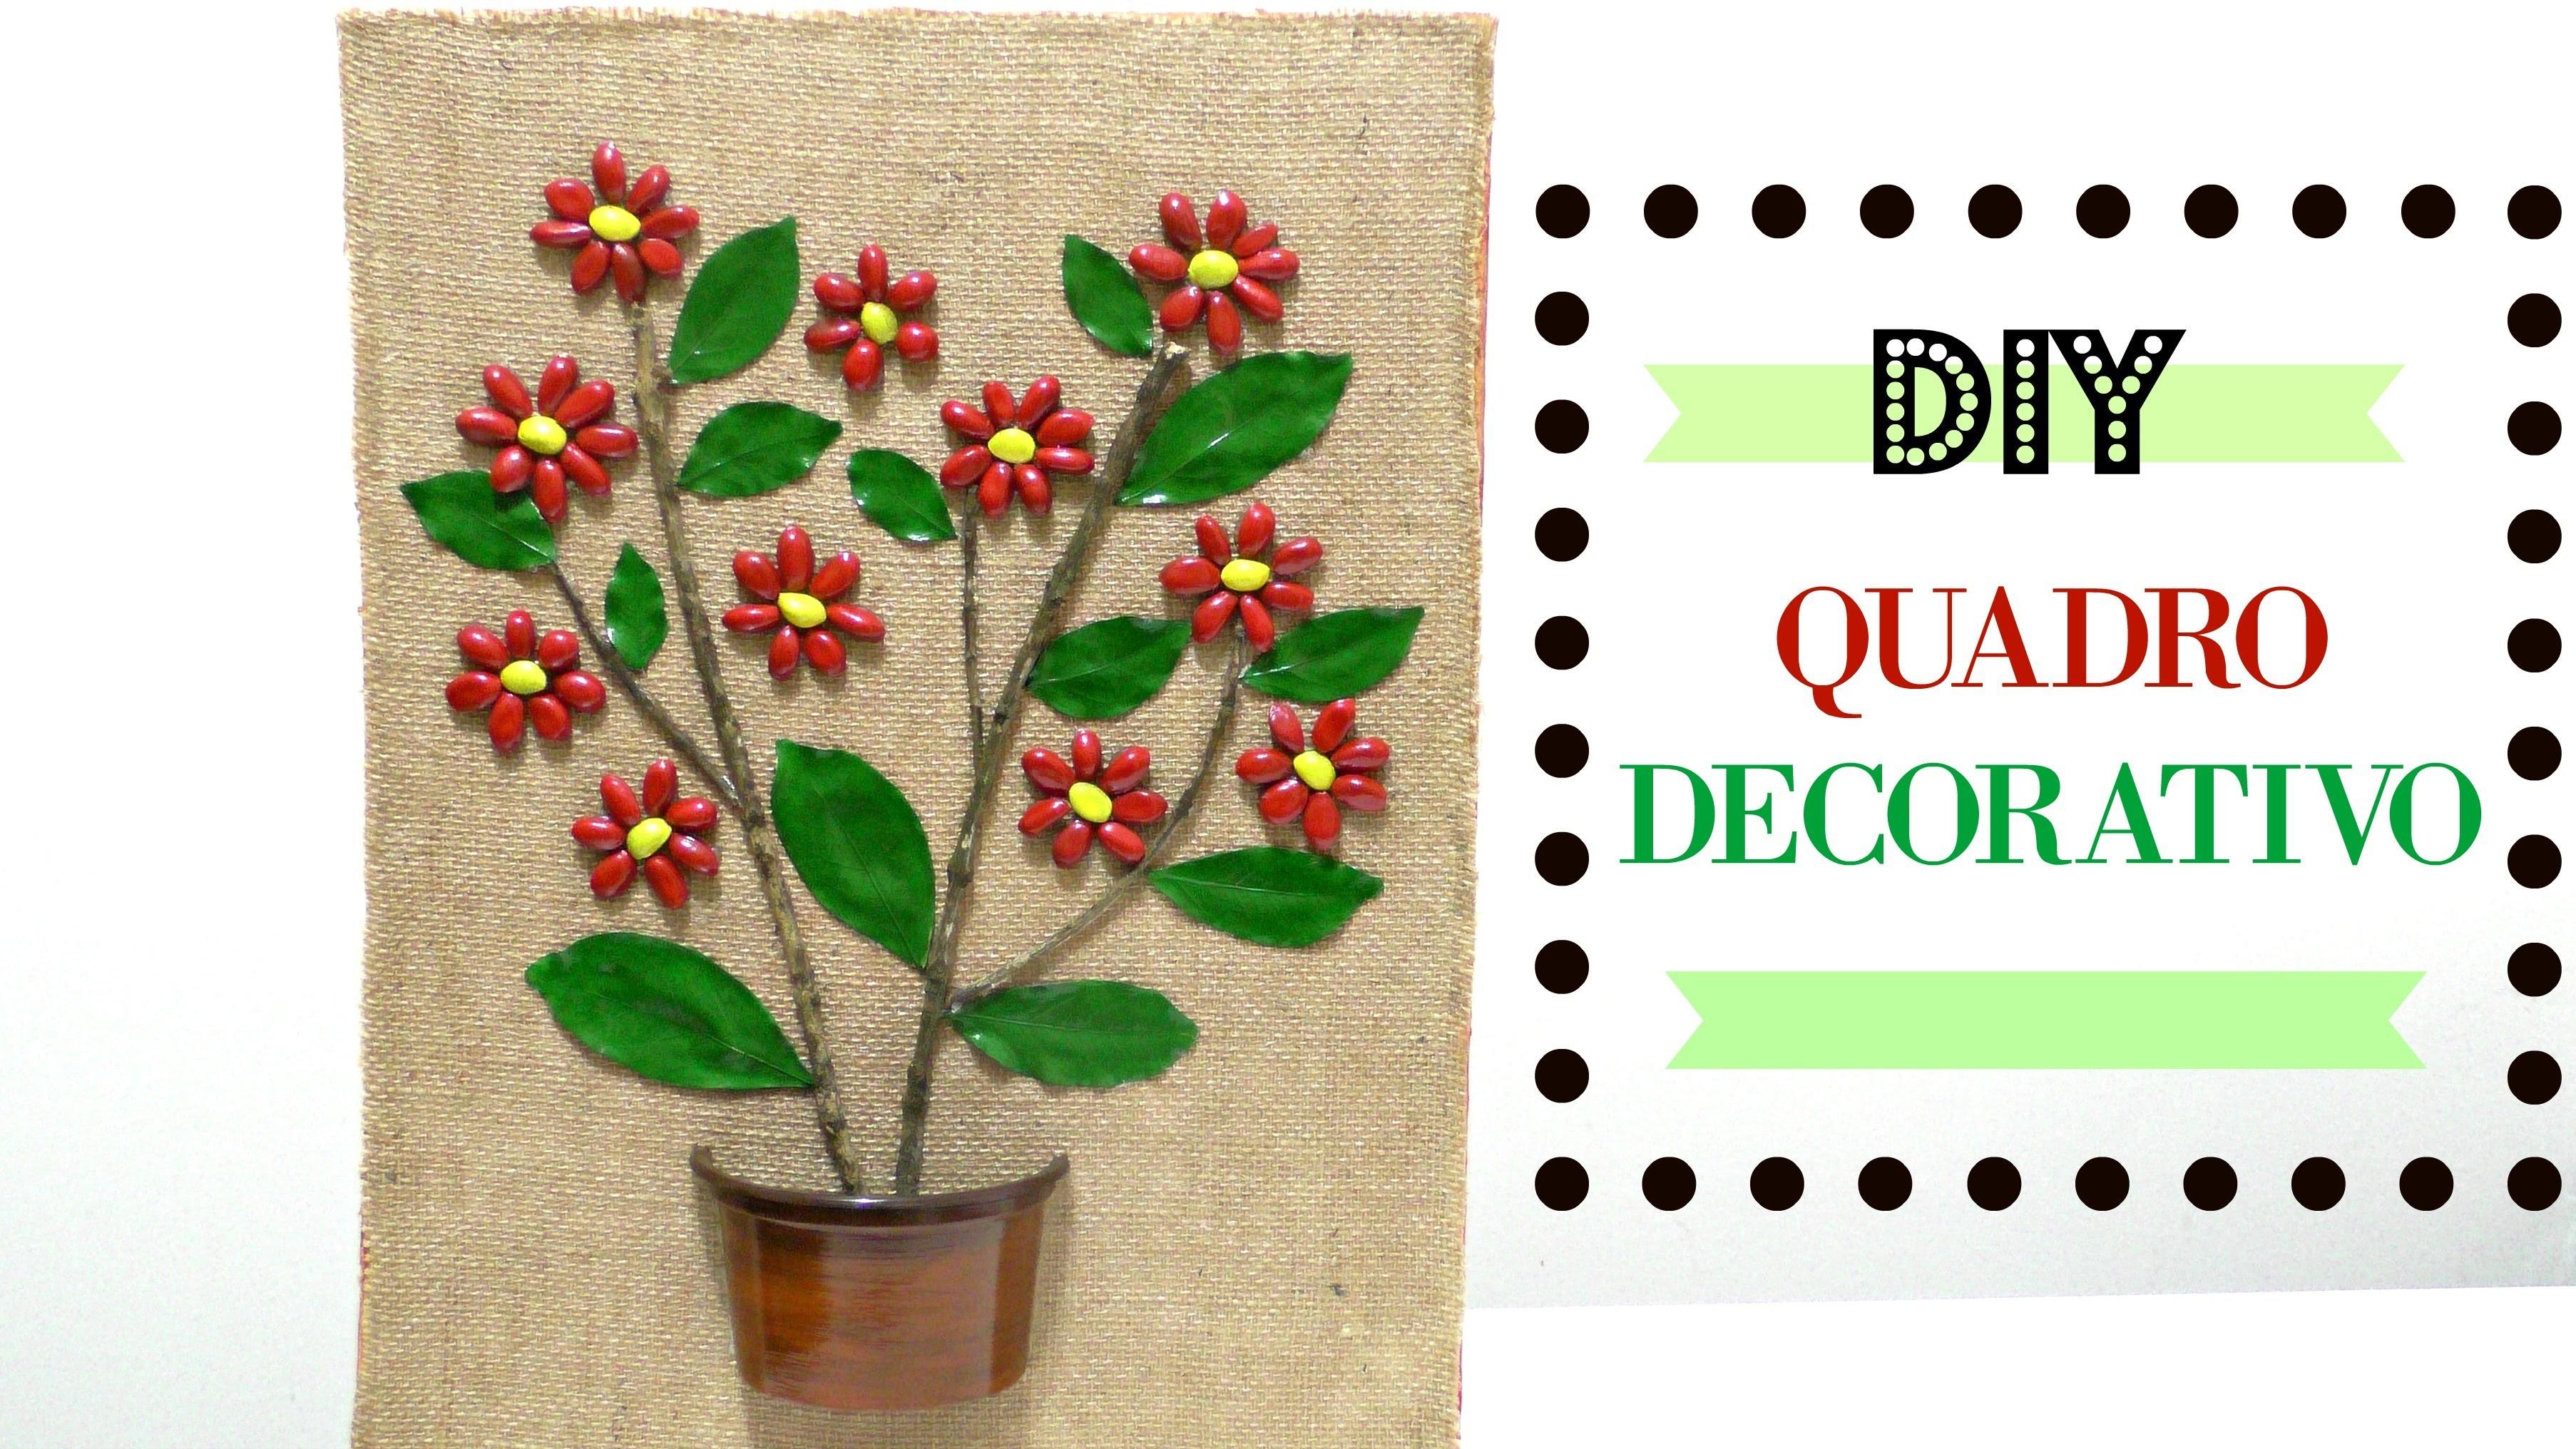 Quadro decorativo de flores - Artesanato DIY do Compartilhando Arte